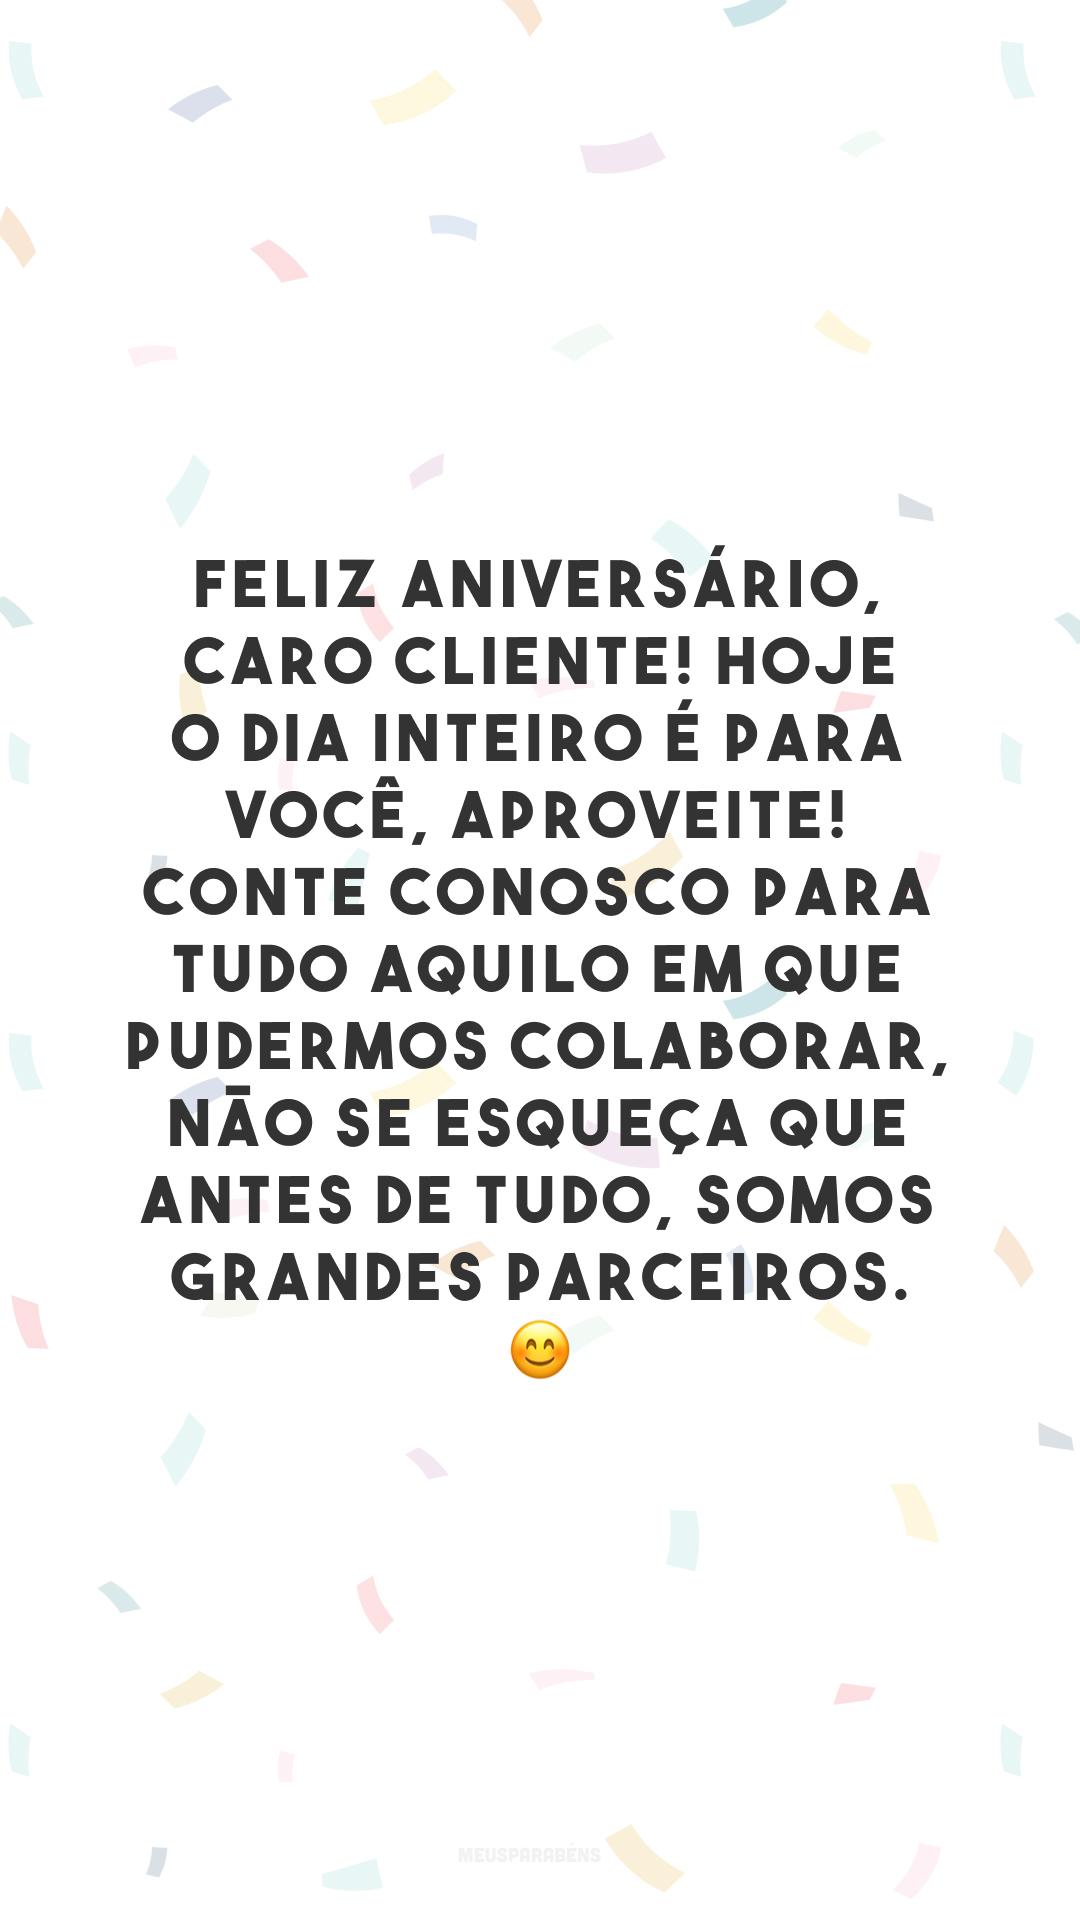 Feliz aniversário, caro cliente! Hoje o dia inteiro é para você, aproveite! Conte conosco para tudo aquilo em que pudermos colaborar, não se esqueça que antes de tudo, somos grandes parceiros. 😊